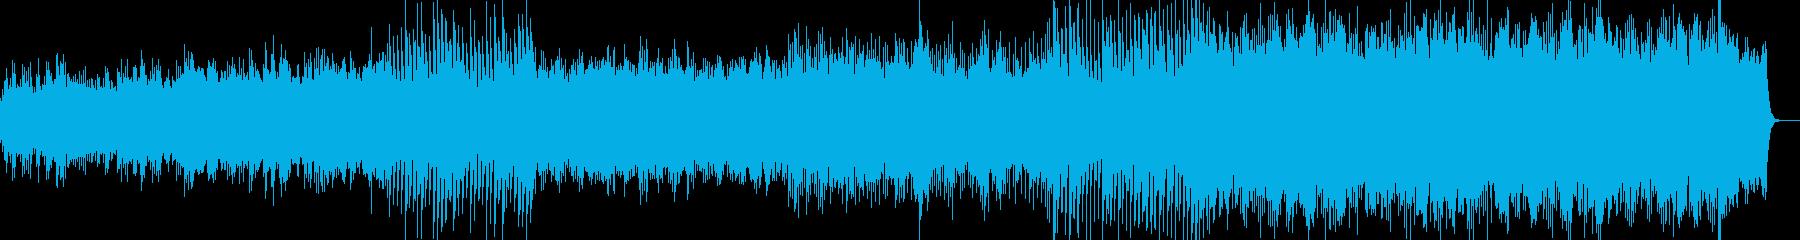 ピアノとバイオリンの癒し系バラードの再生済みの波形